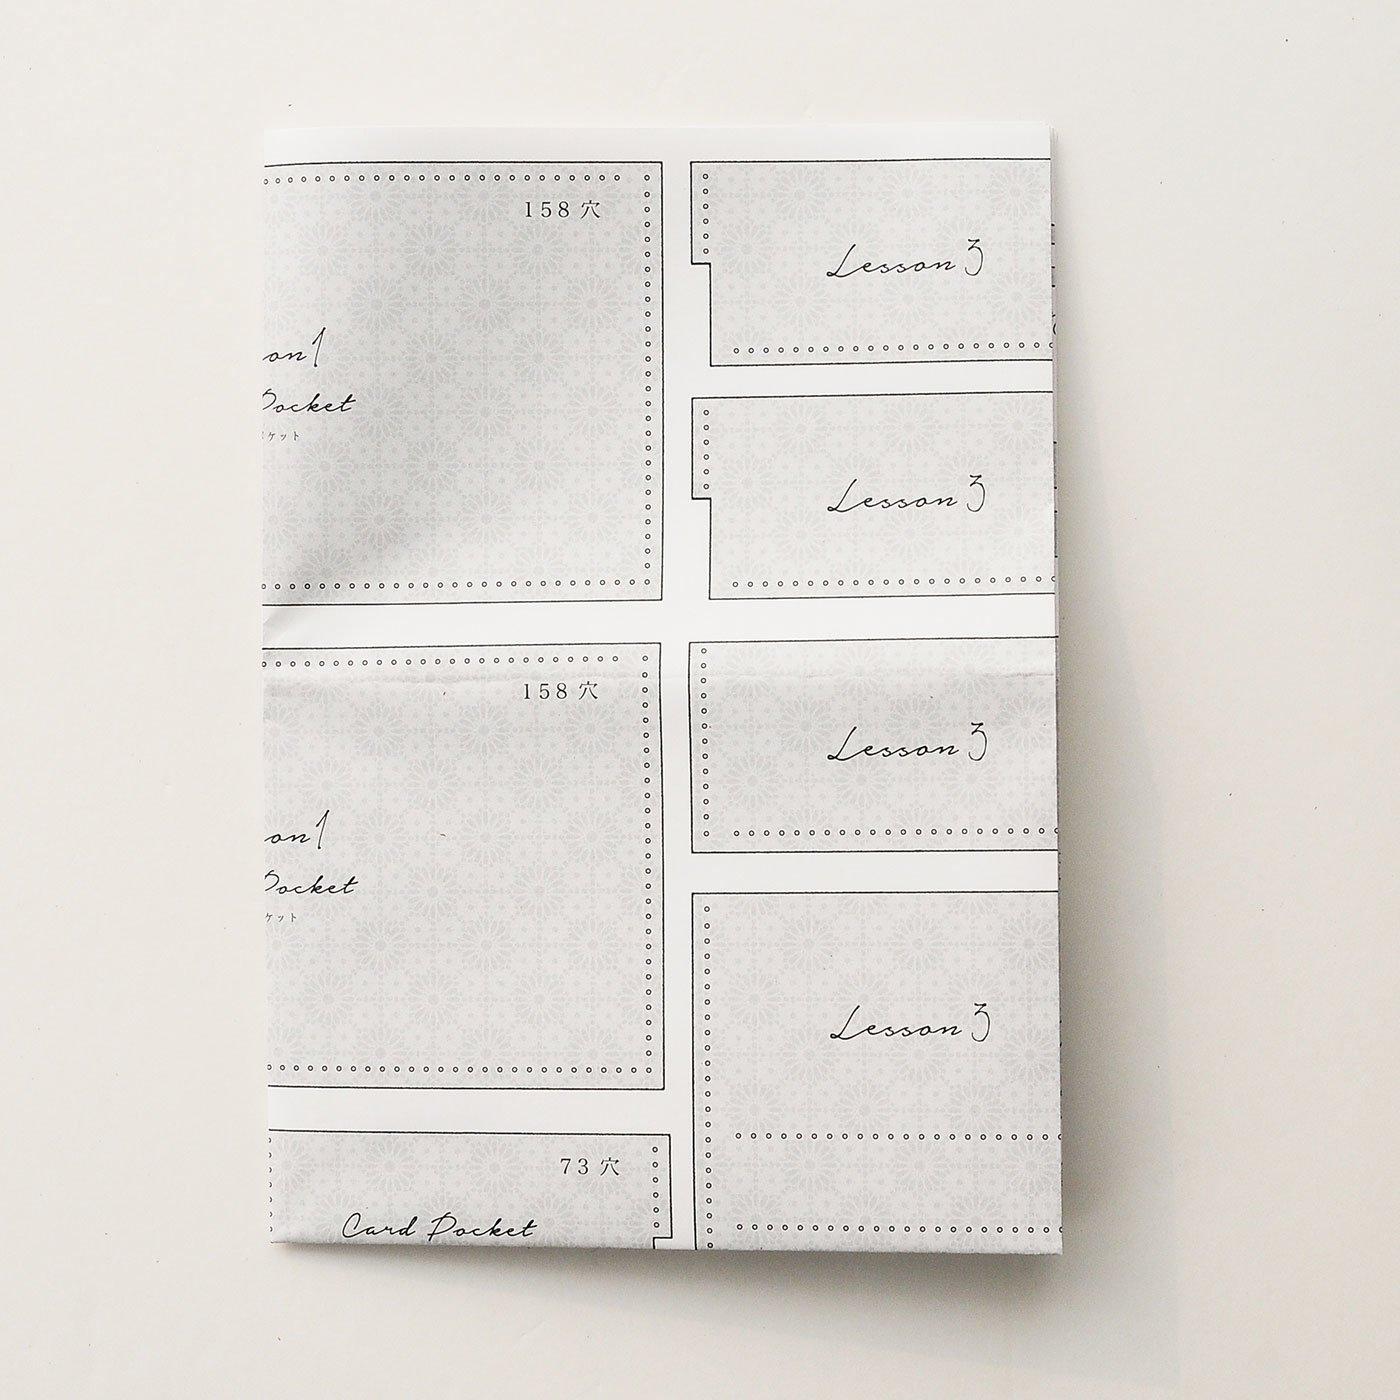 ウォレットショルダー作りレッスン 追加購入用 型紙